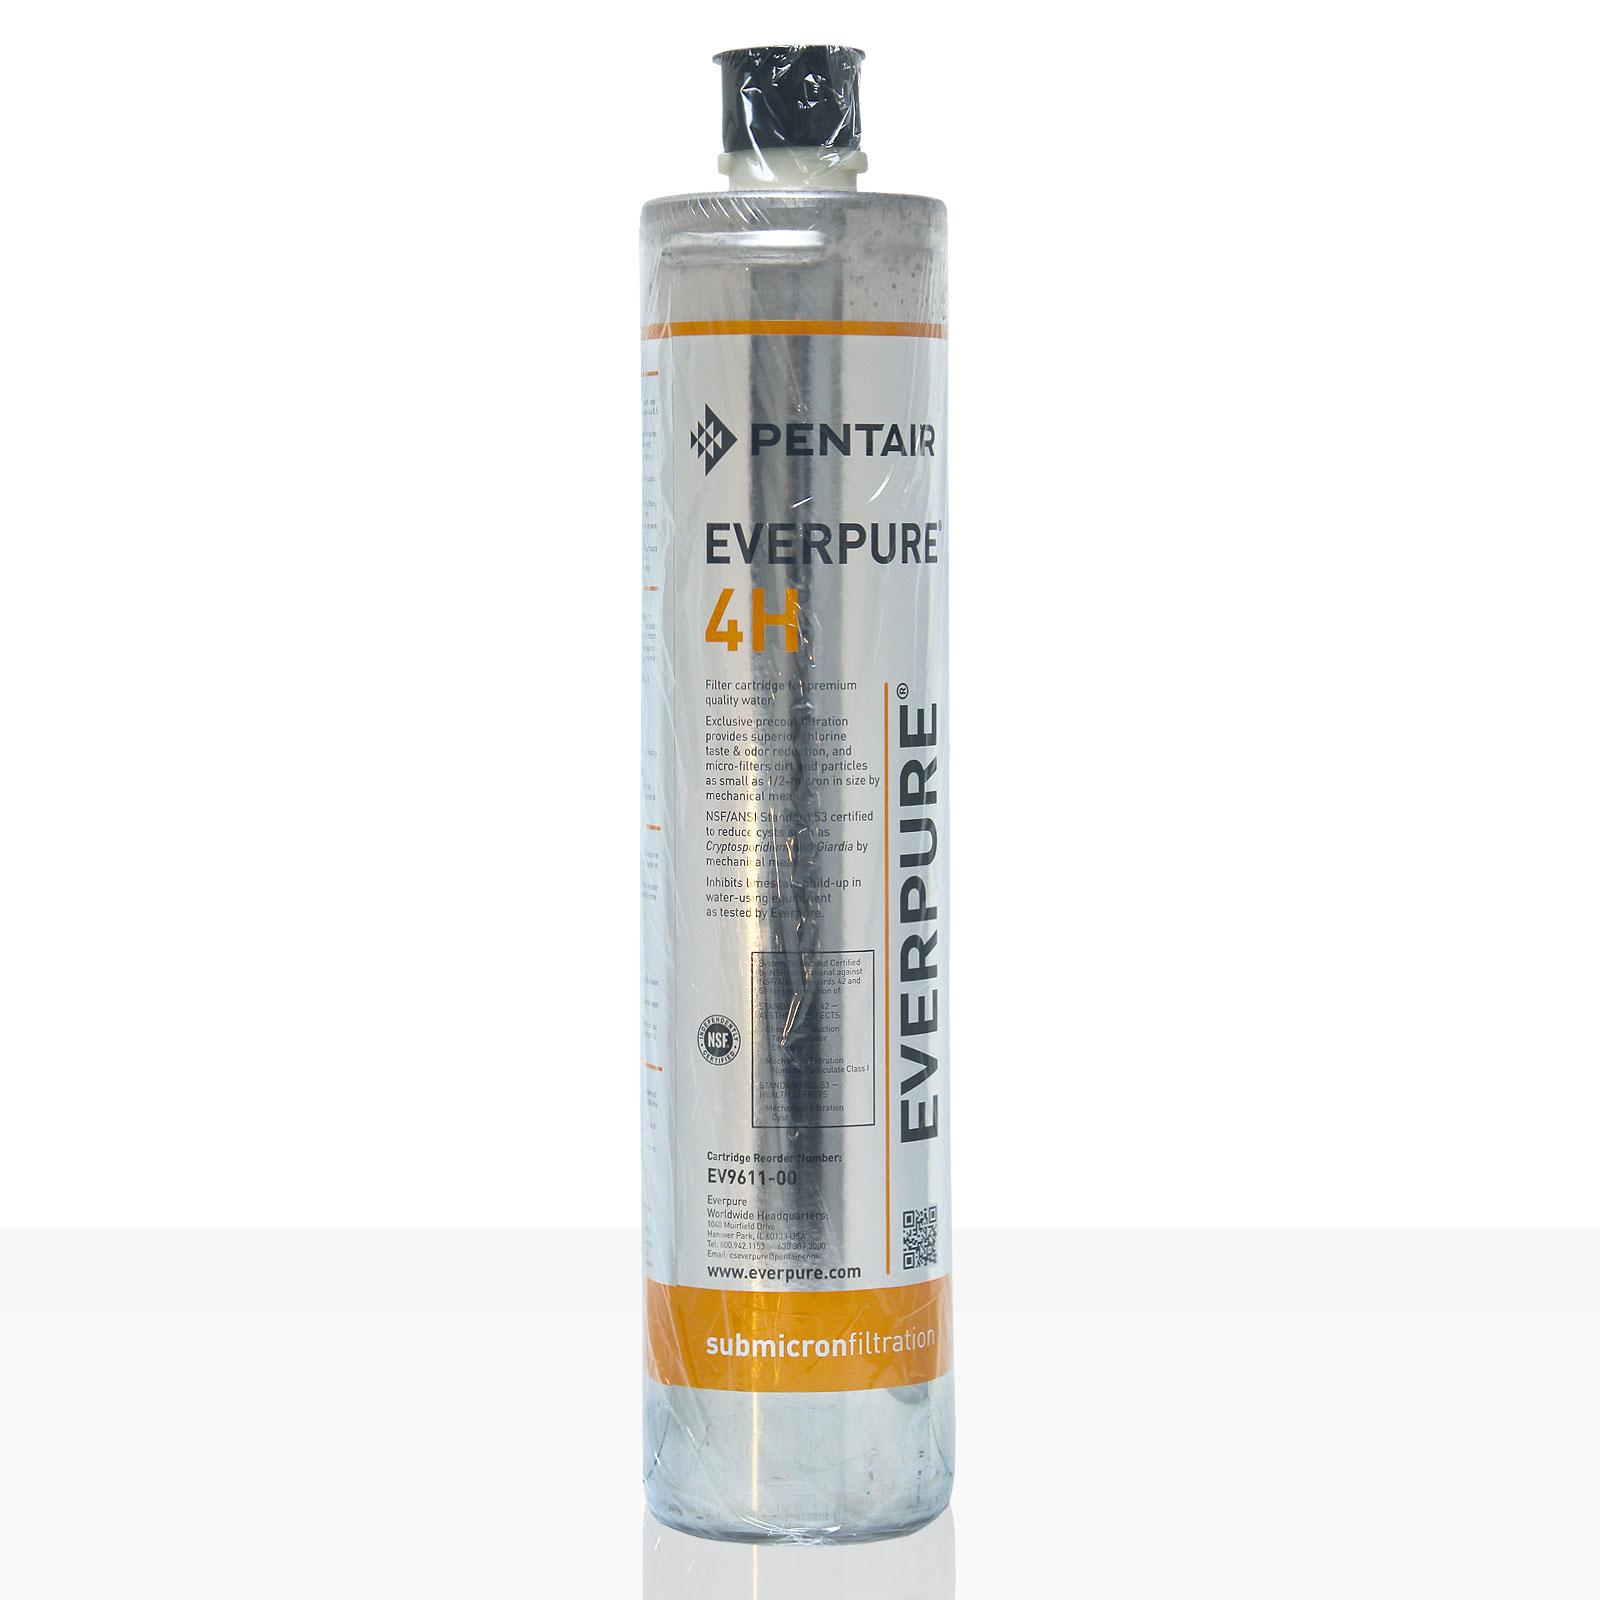 Everpure Filterpatrone 4H, für Kaffeemaschinen, 5600 Liter